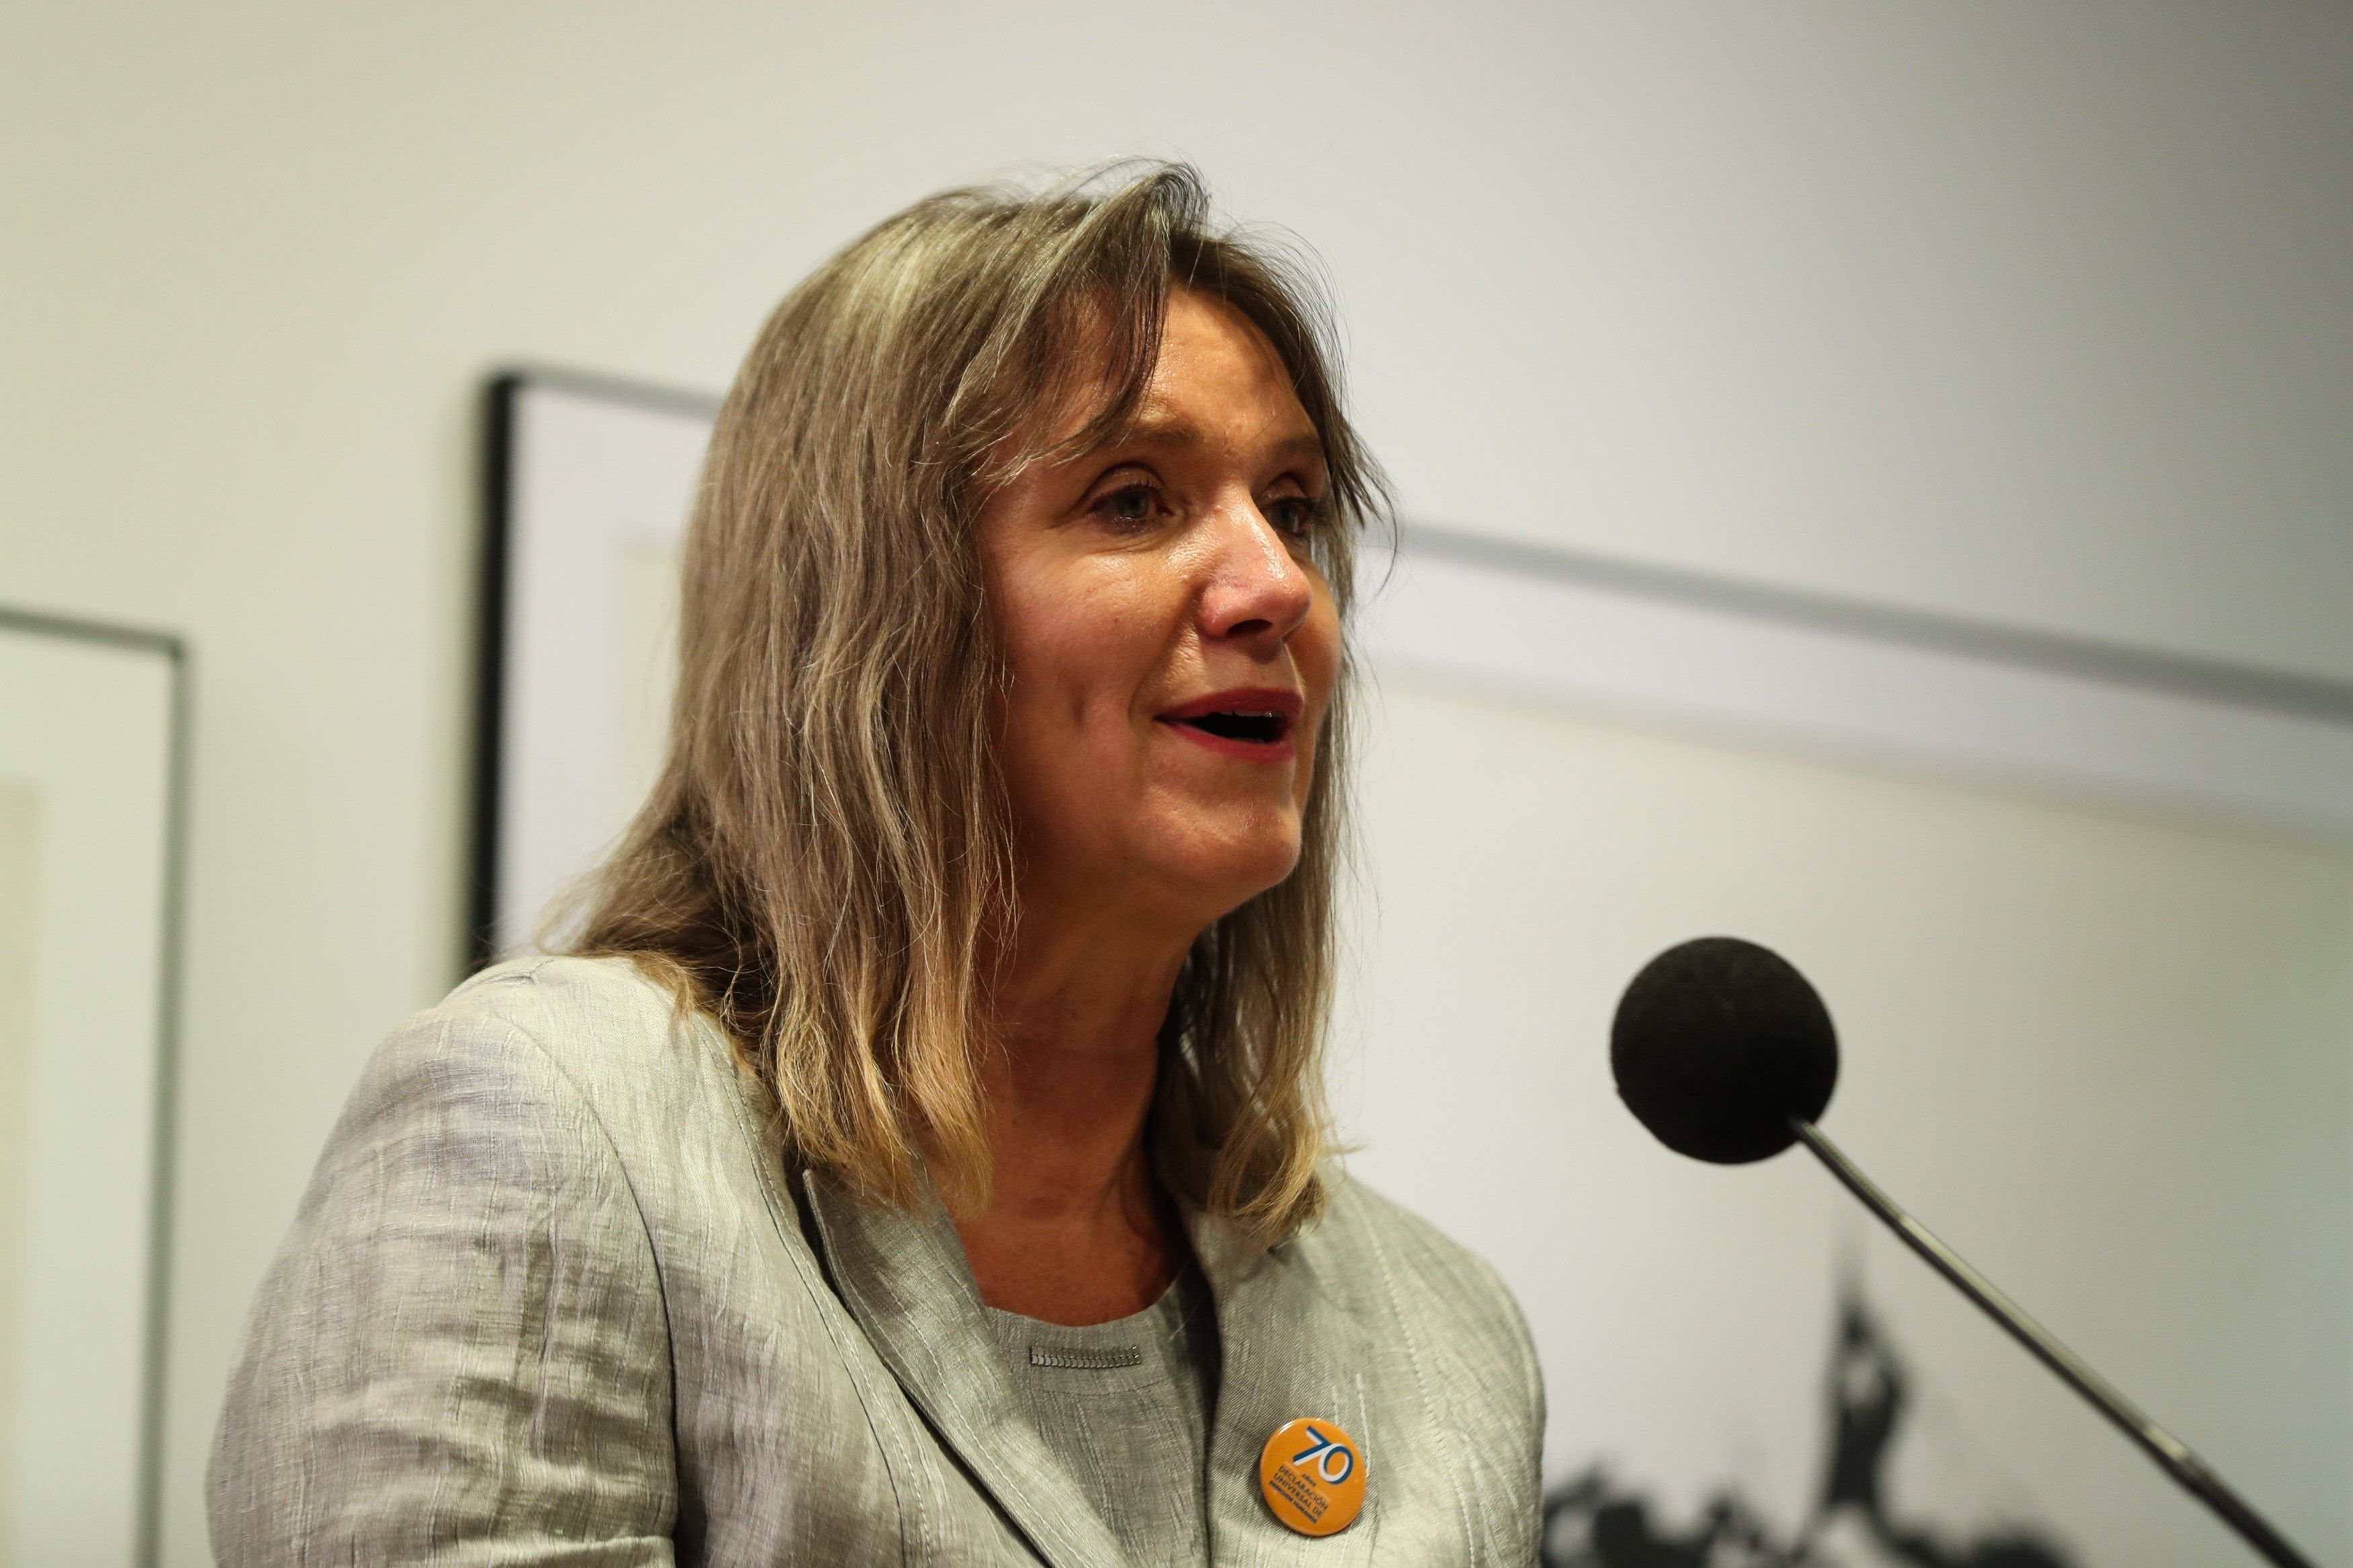 La representante de las Naciones Unidas en El Salvador, Birgit Gerstenberg. EFE/Alberto Valdés/Archivo